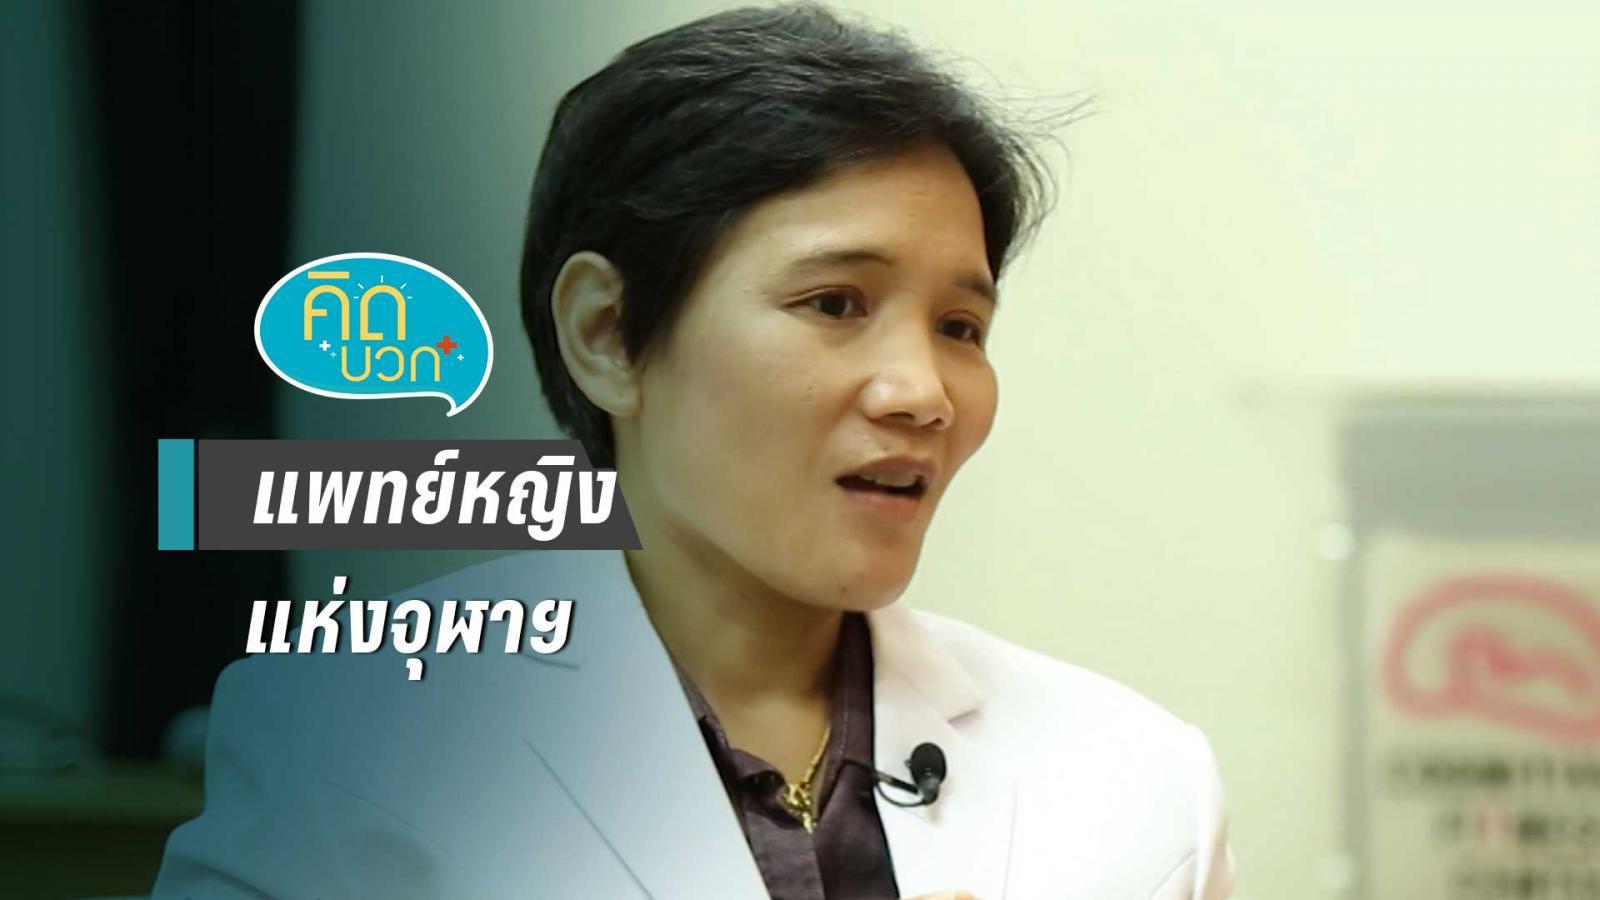 แพทย์หญิงแห่งจุฬาฯ กับรางวัลนวัตกรรมทางสมอง